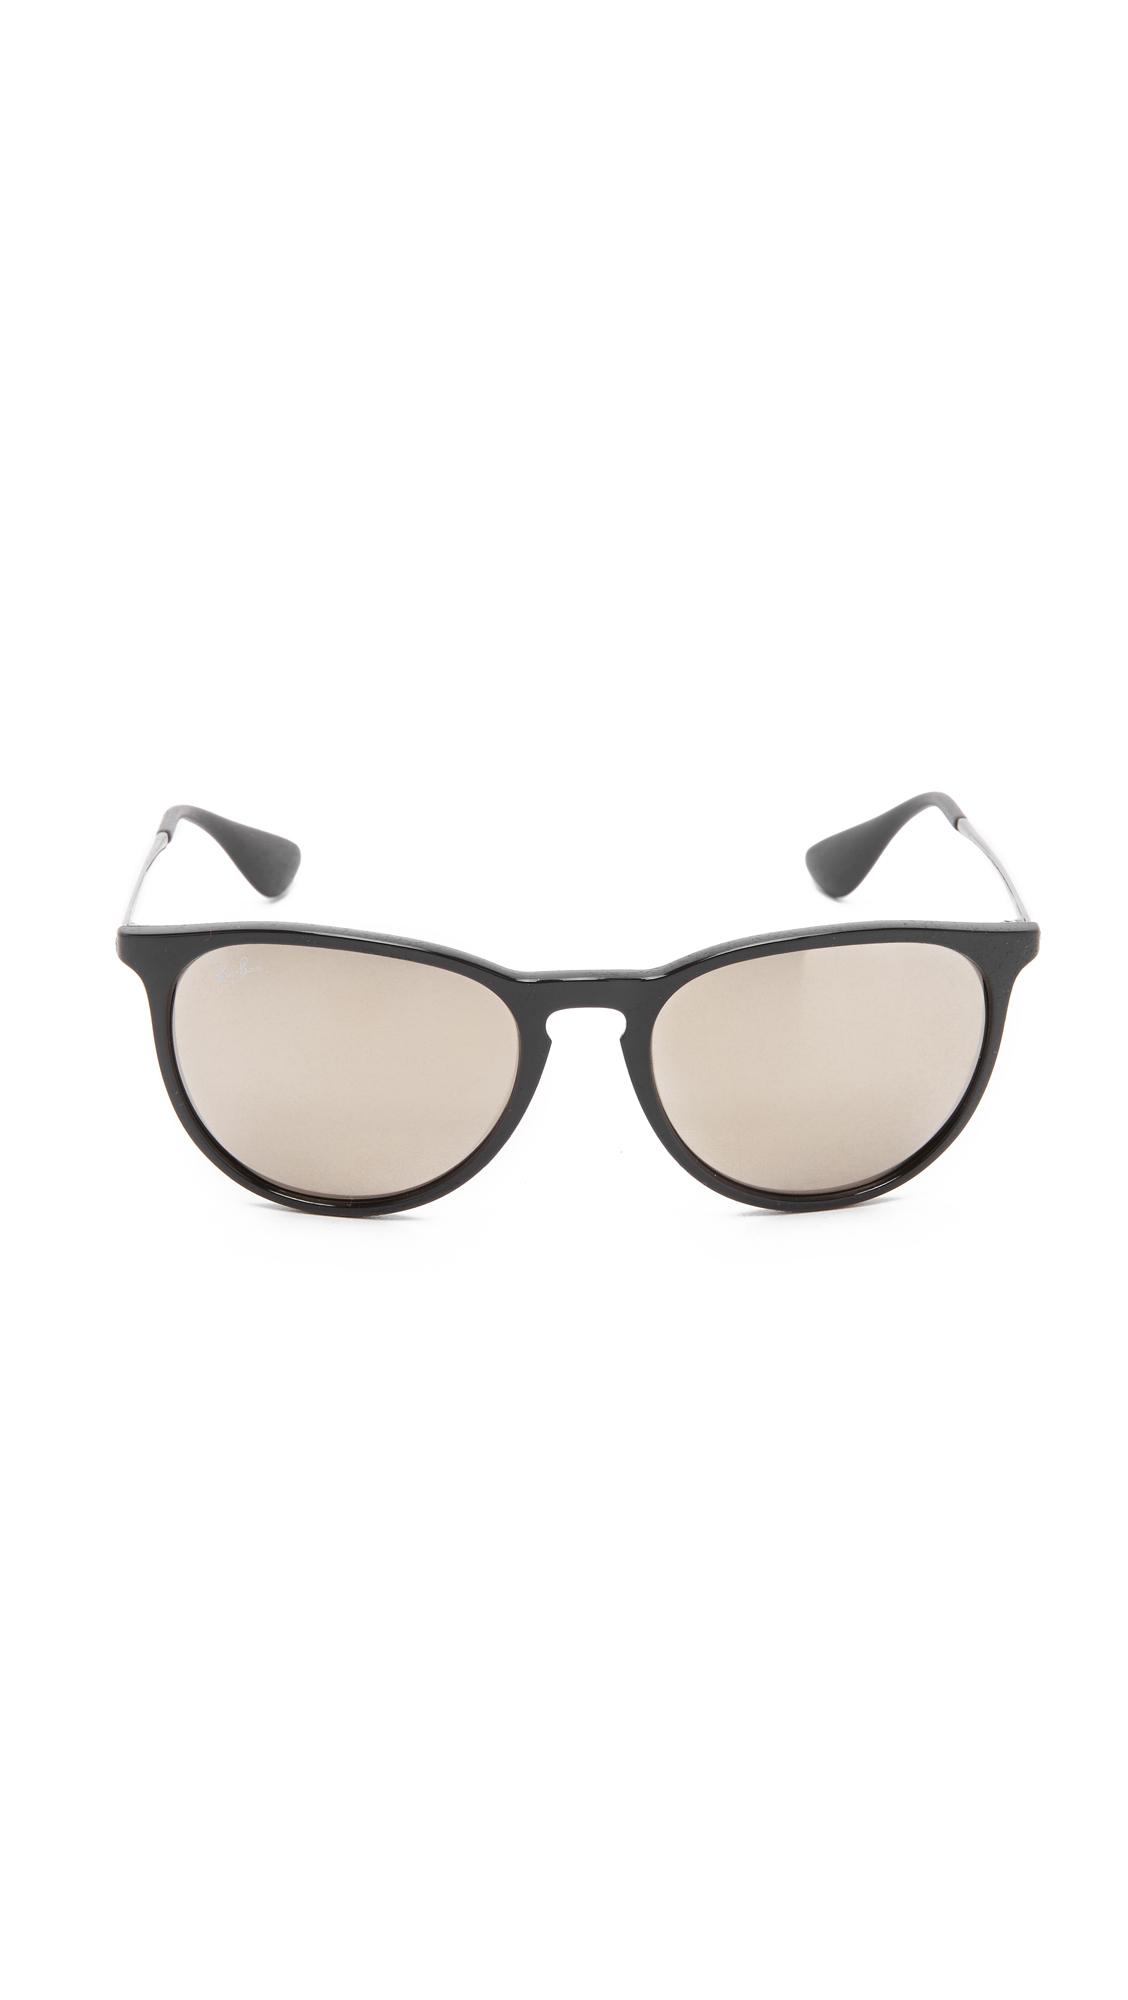 a6f12a082c9 ... czech lyst ray ban erika sunglasses in black dc533 5c99e